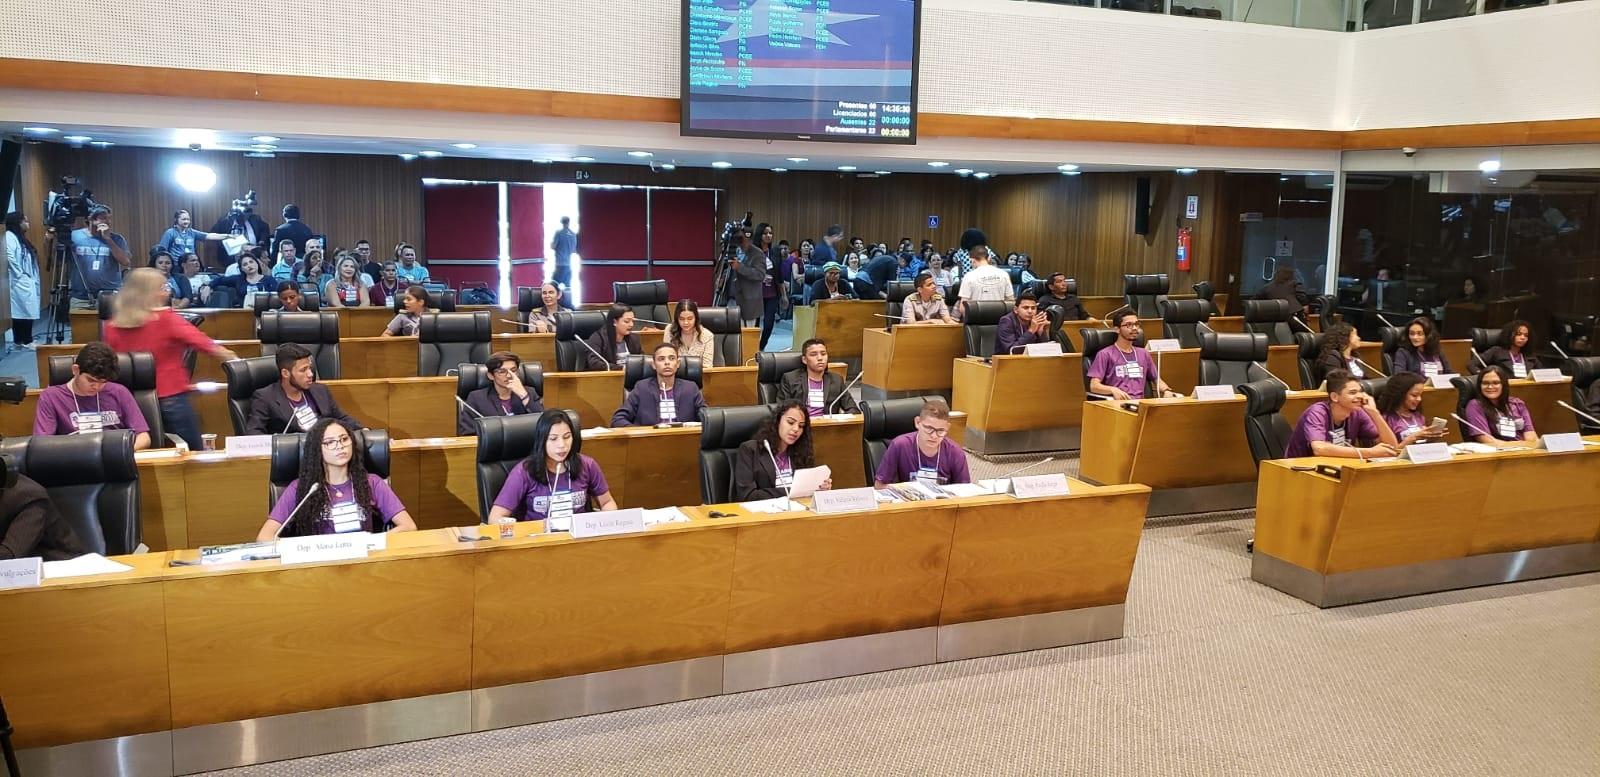 Sessão plenária do Parlamento Estudantil com os 22 deputados estudantes, representando diversos municípios